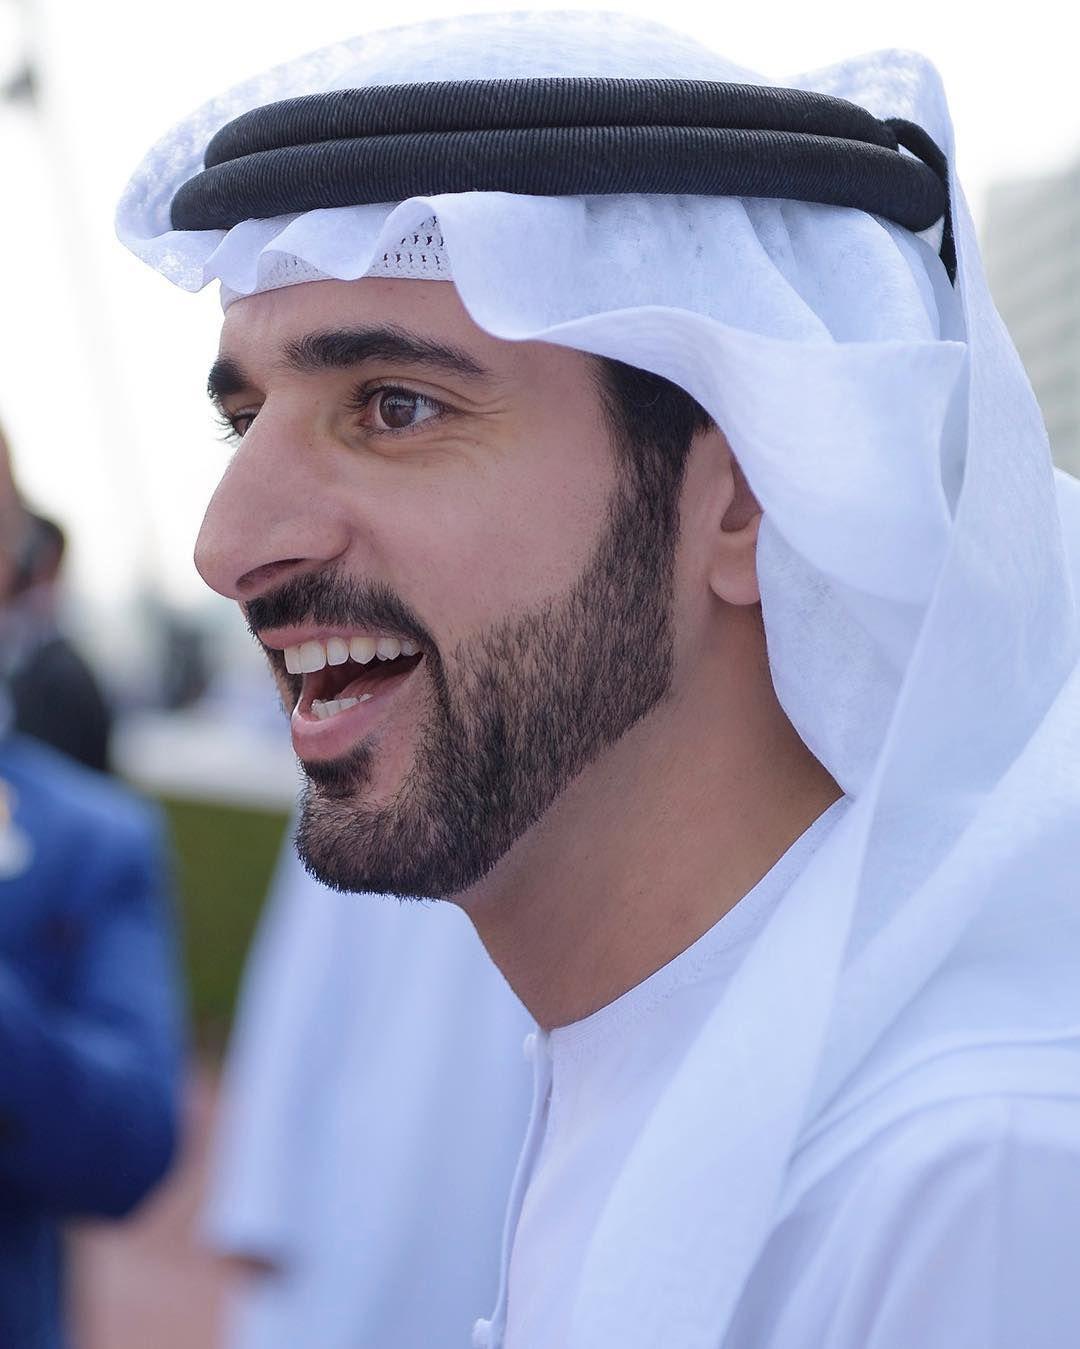 Faz3 ابسم عسى تبسم حياتك ياقايد الخفـرات و In 2019